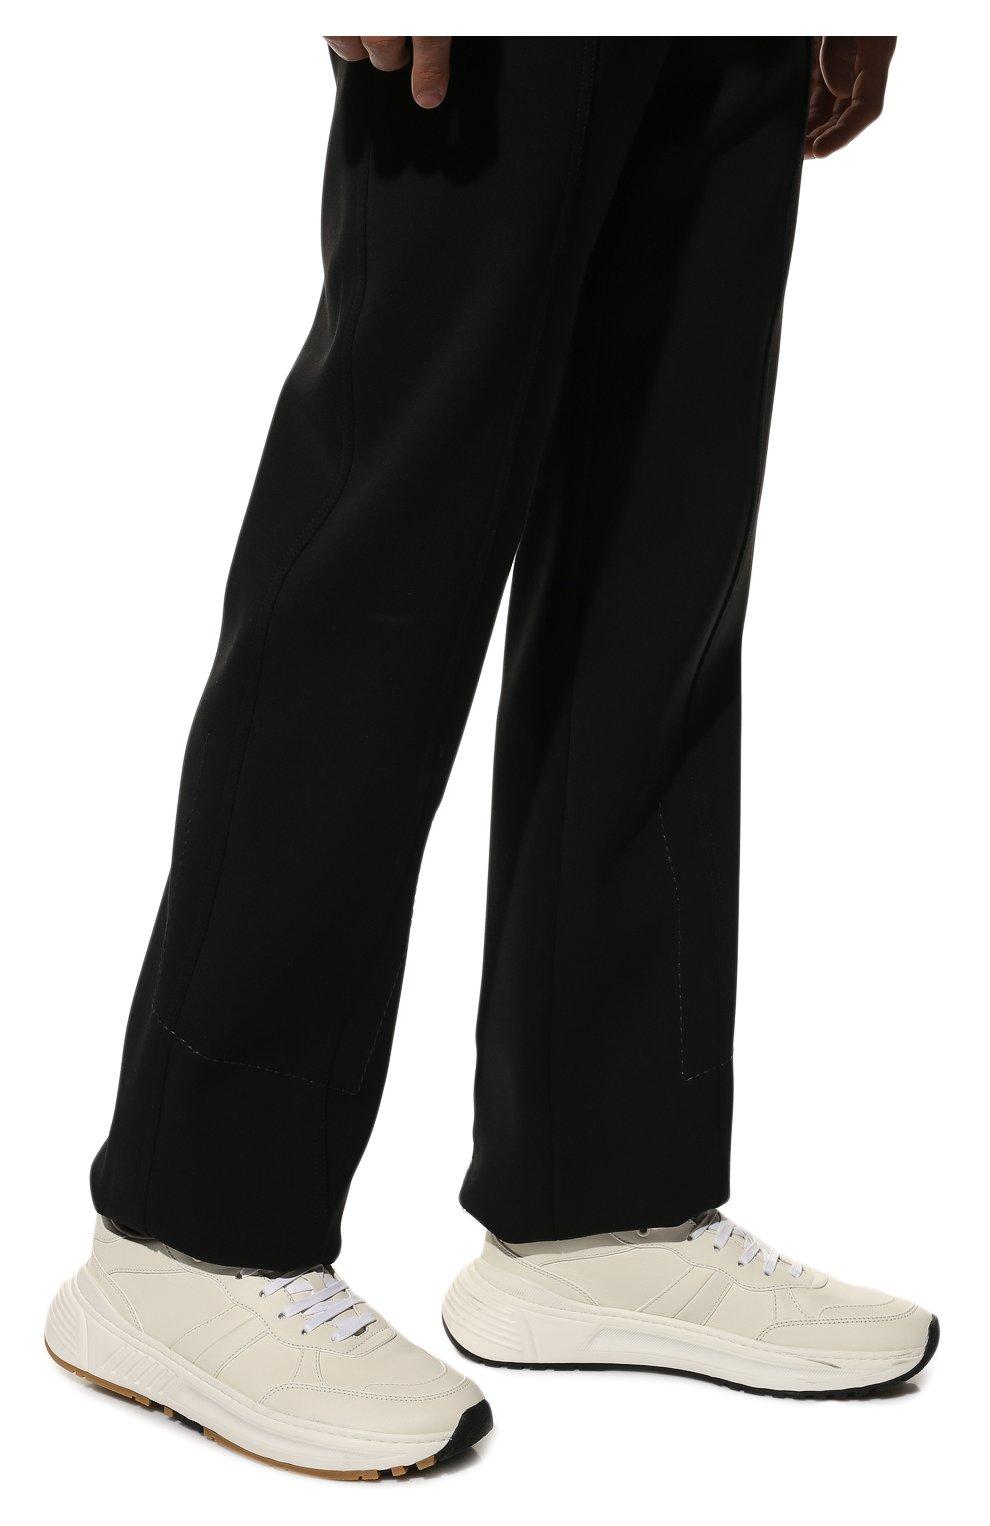 Мужские кожаные кроссовки BOTTEGA VENETA белого цвета, арт. 565646/VT040 | Фото 3